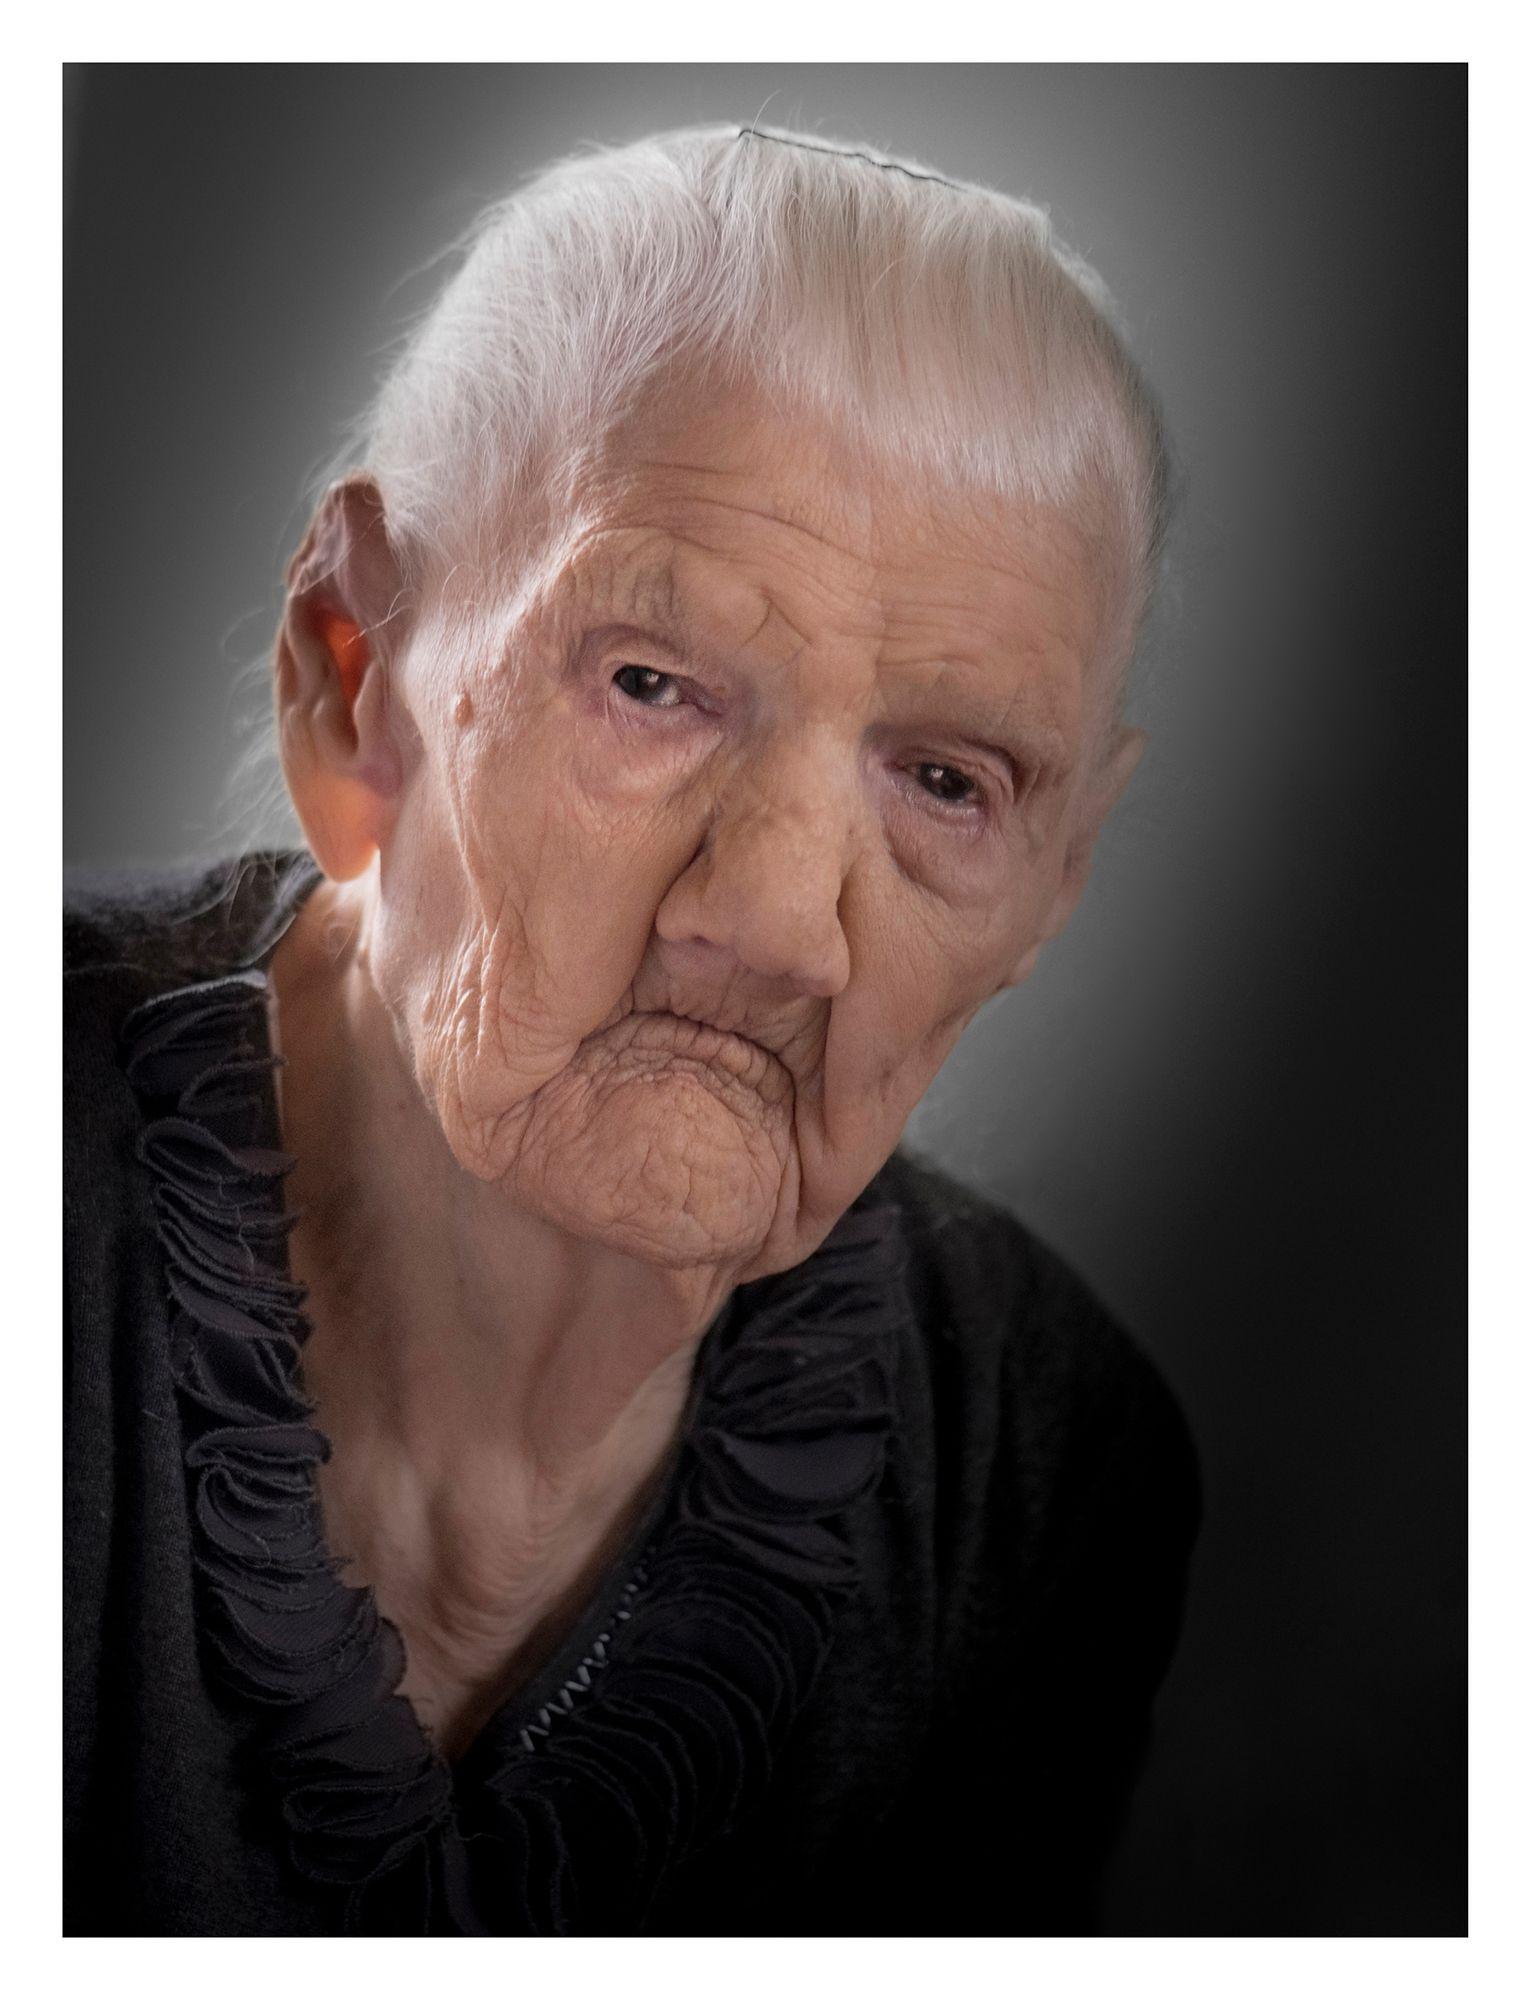 Śp. KATARZYNA MOROŃ (109 lat) Zboiska okolice Krosna (woj. Podkarpackie)  - była jedną z najstarszych żyjących Polek.